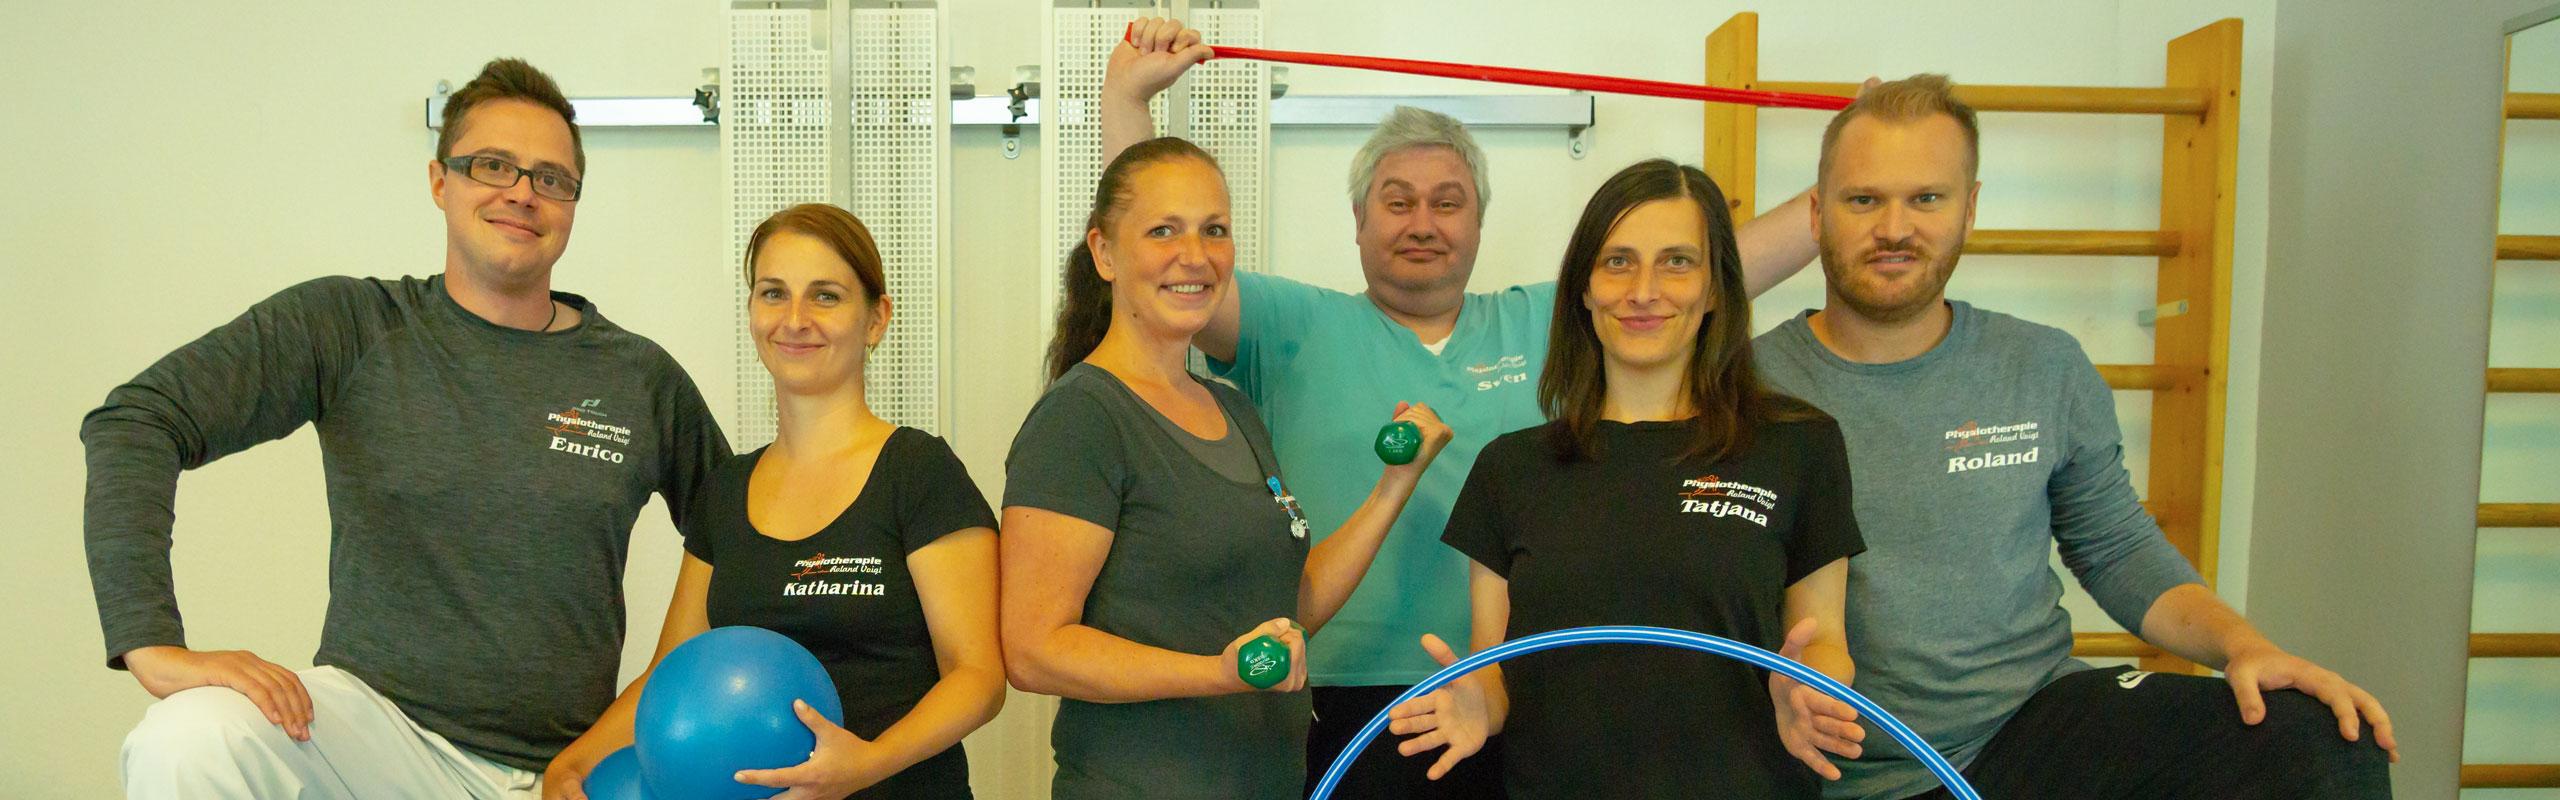 Willkommen - Physiotherapie Roland Voigt